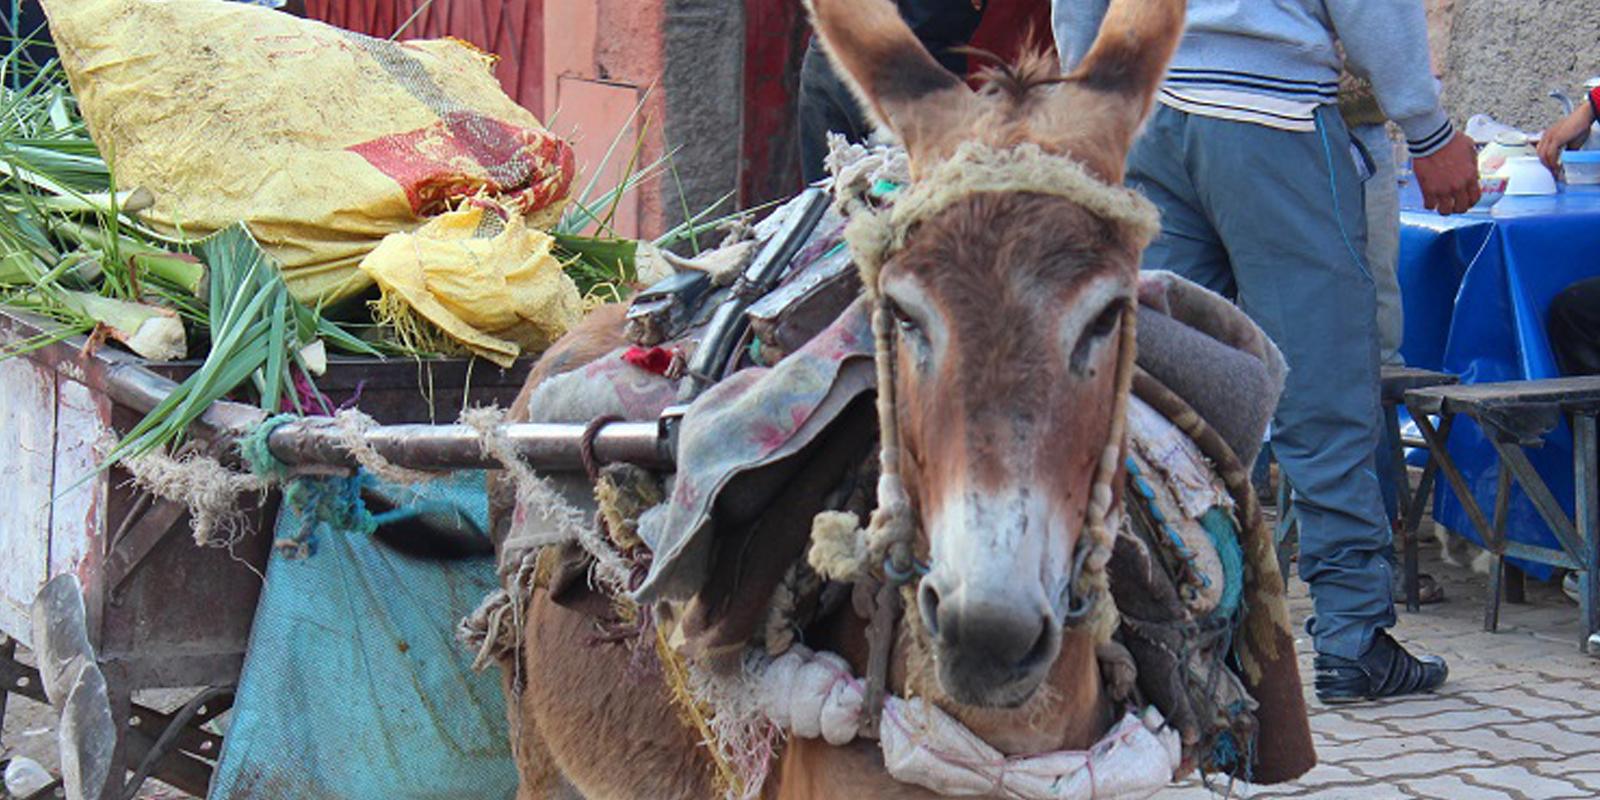 Tierwohl in der Entwicklungszusammenarbeit: Esel und Pferde werden als Lasttiere eingesetzt